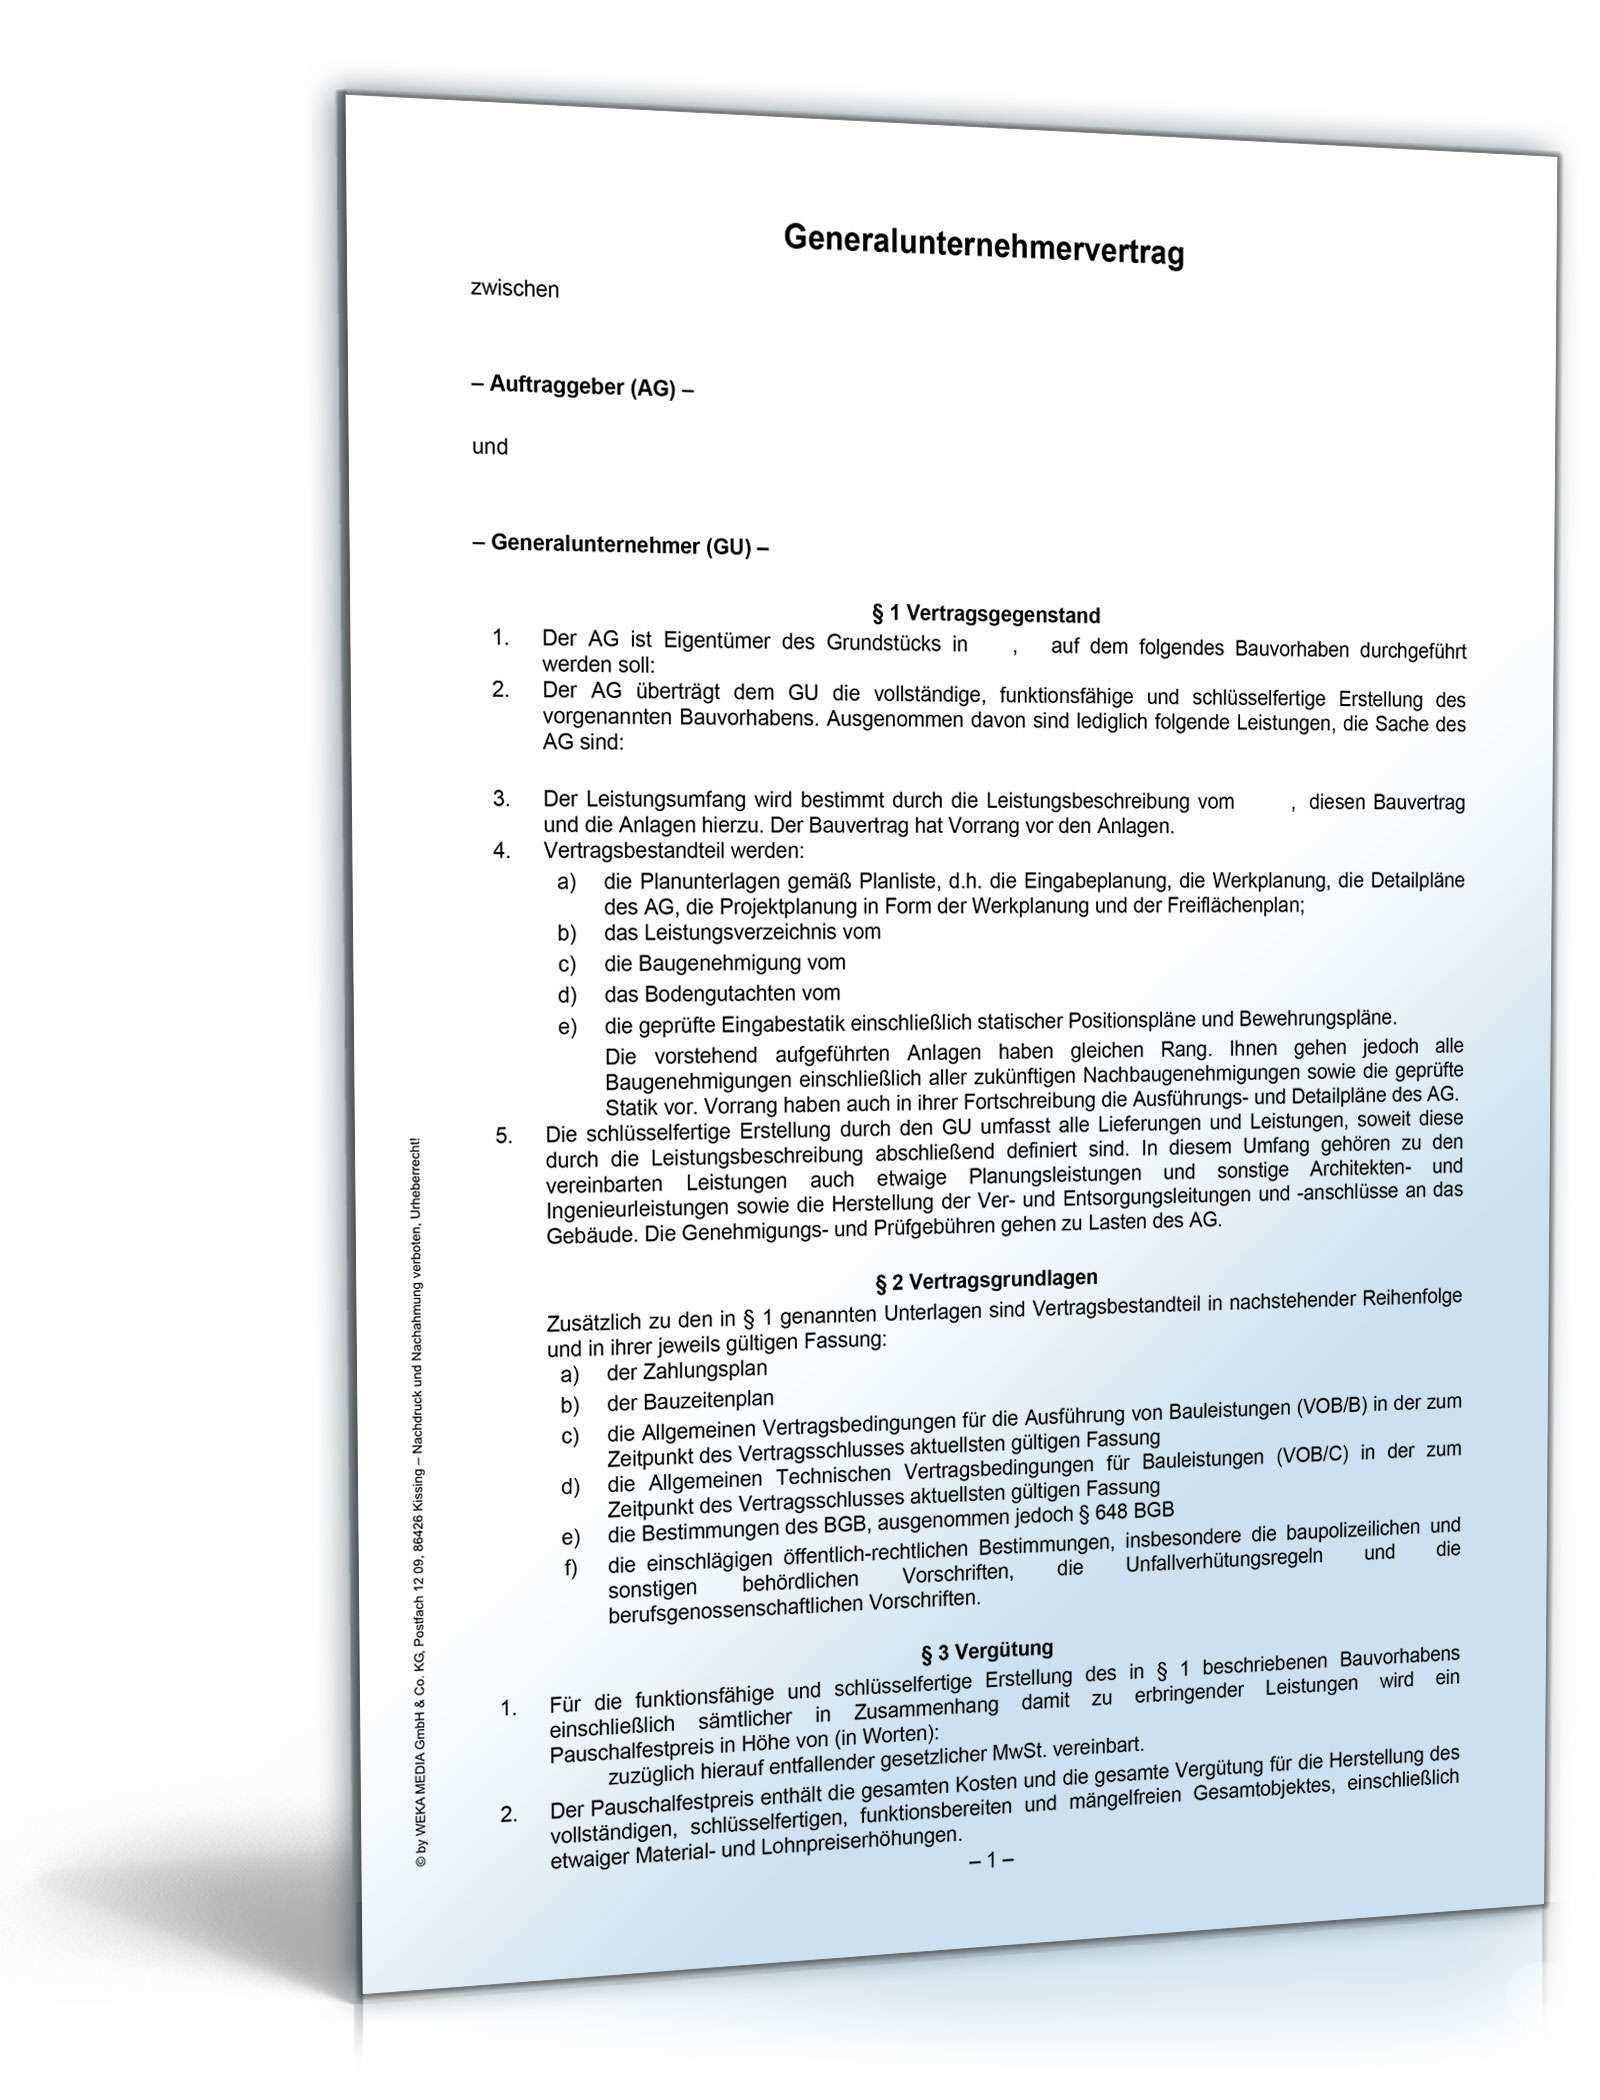 Generalunternehmervertrag Rechtssichere Vorlage Sofort Zum Download Muster Fur Einen Vertrag Hier Als Pd Terminplaner Erstellen Unternehmungen Baugrundstucke